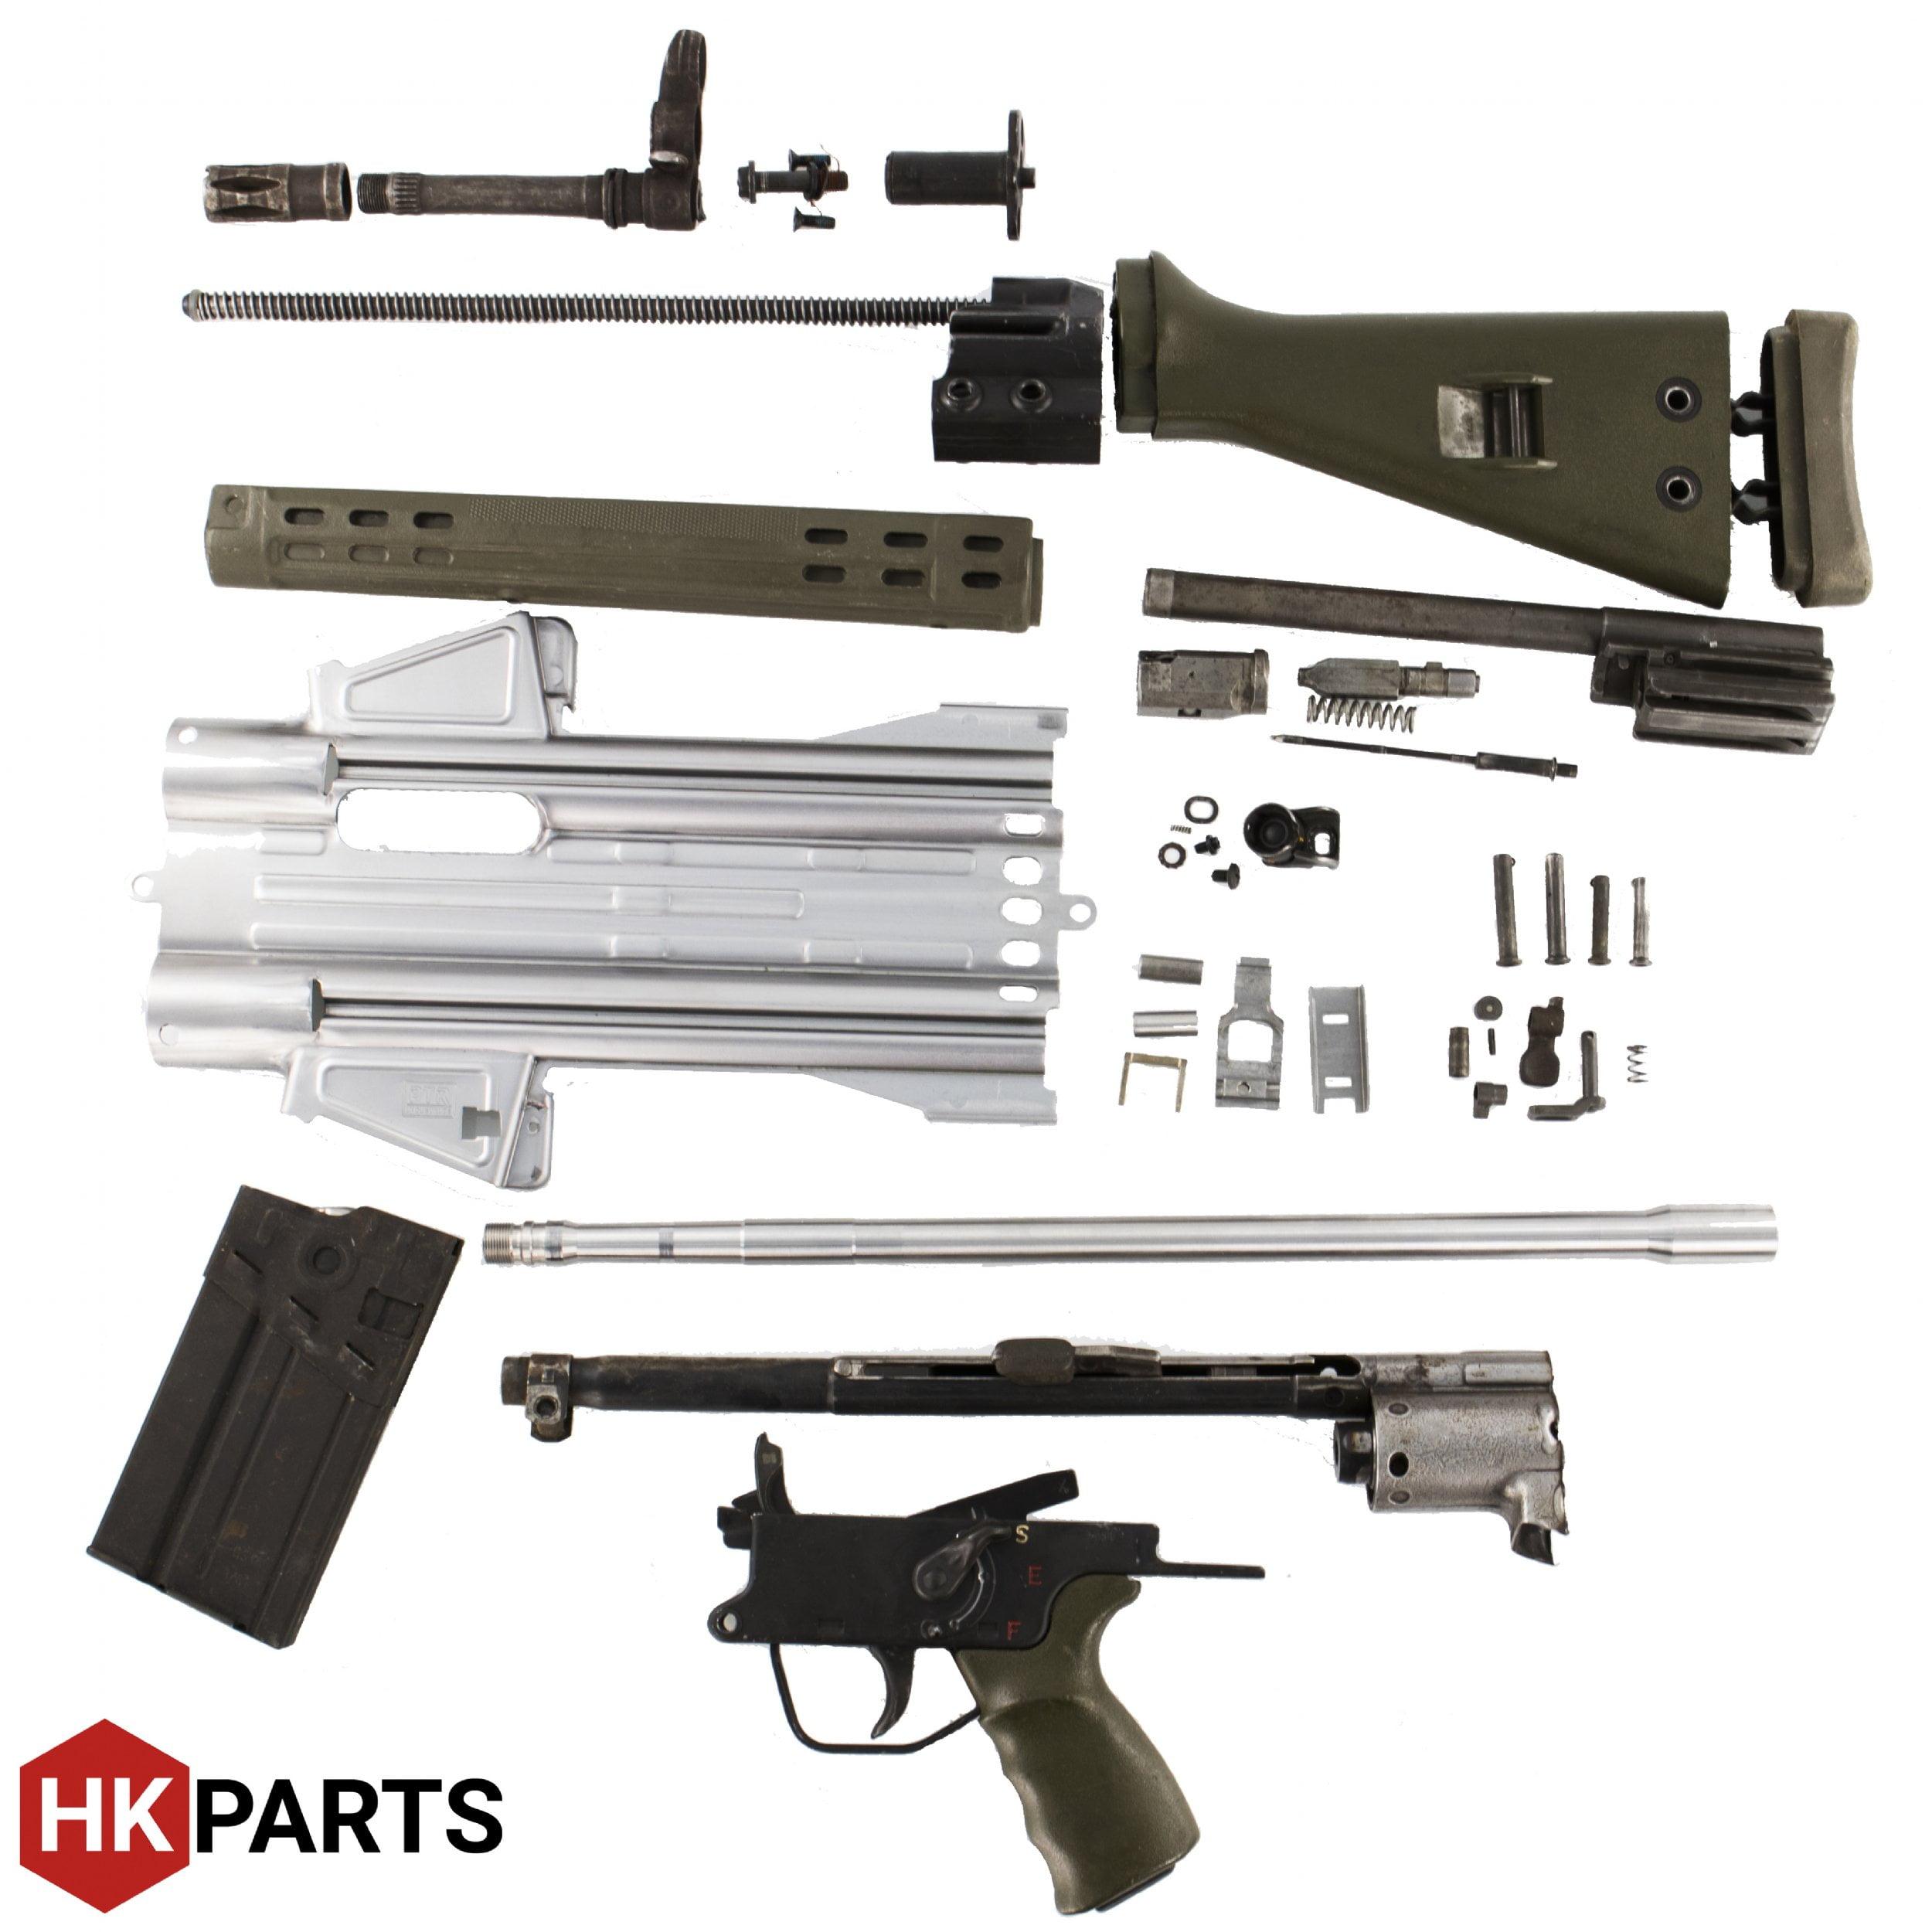 HK G3, HK 91, PTR Parts Kit - PTR Barrel, Flat